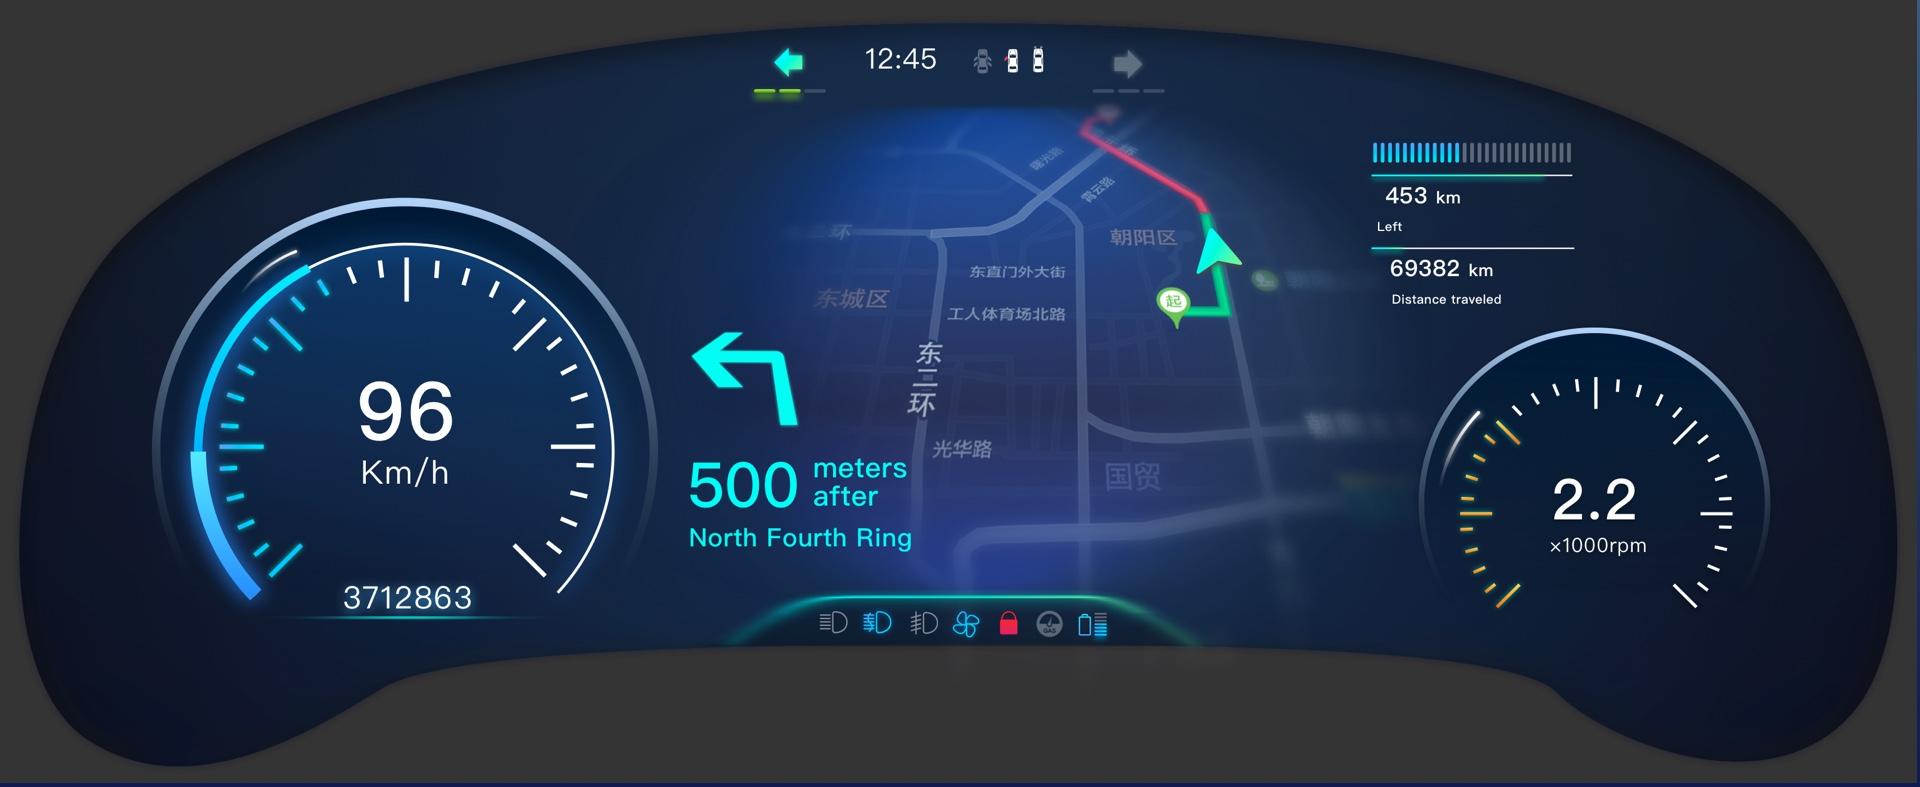 百度地图-汽车中控&仪表盘概念设计